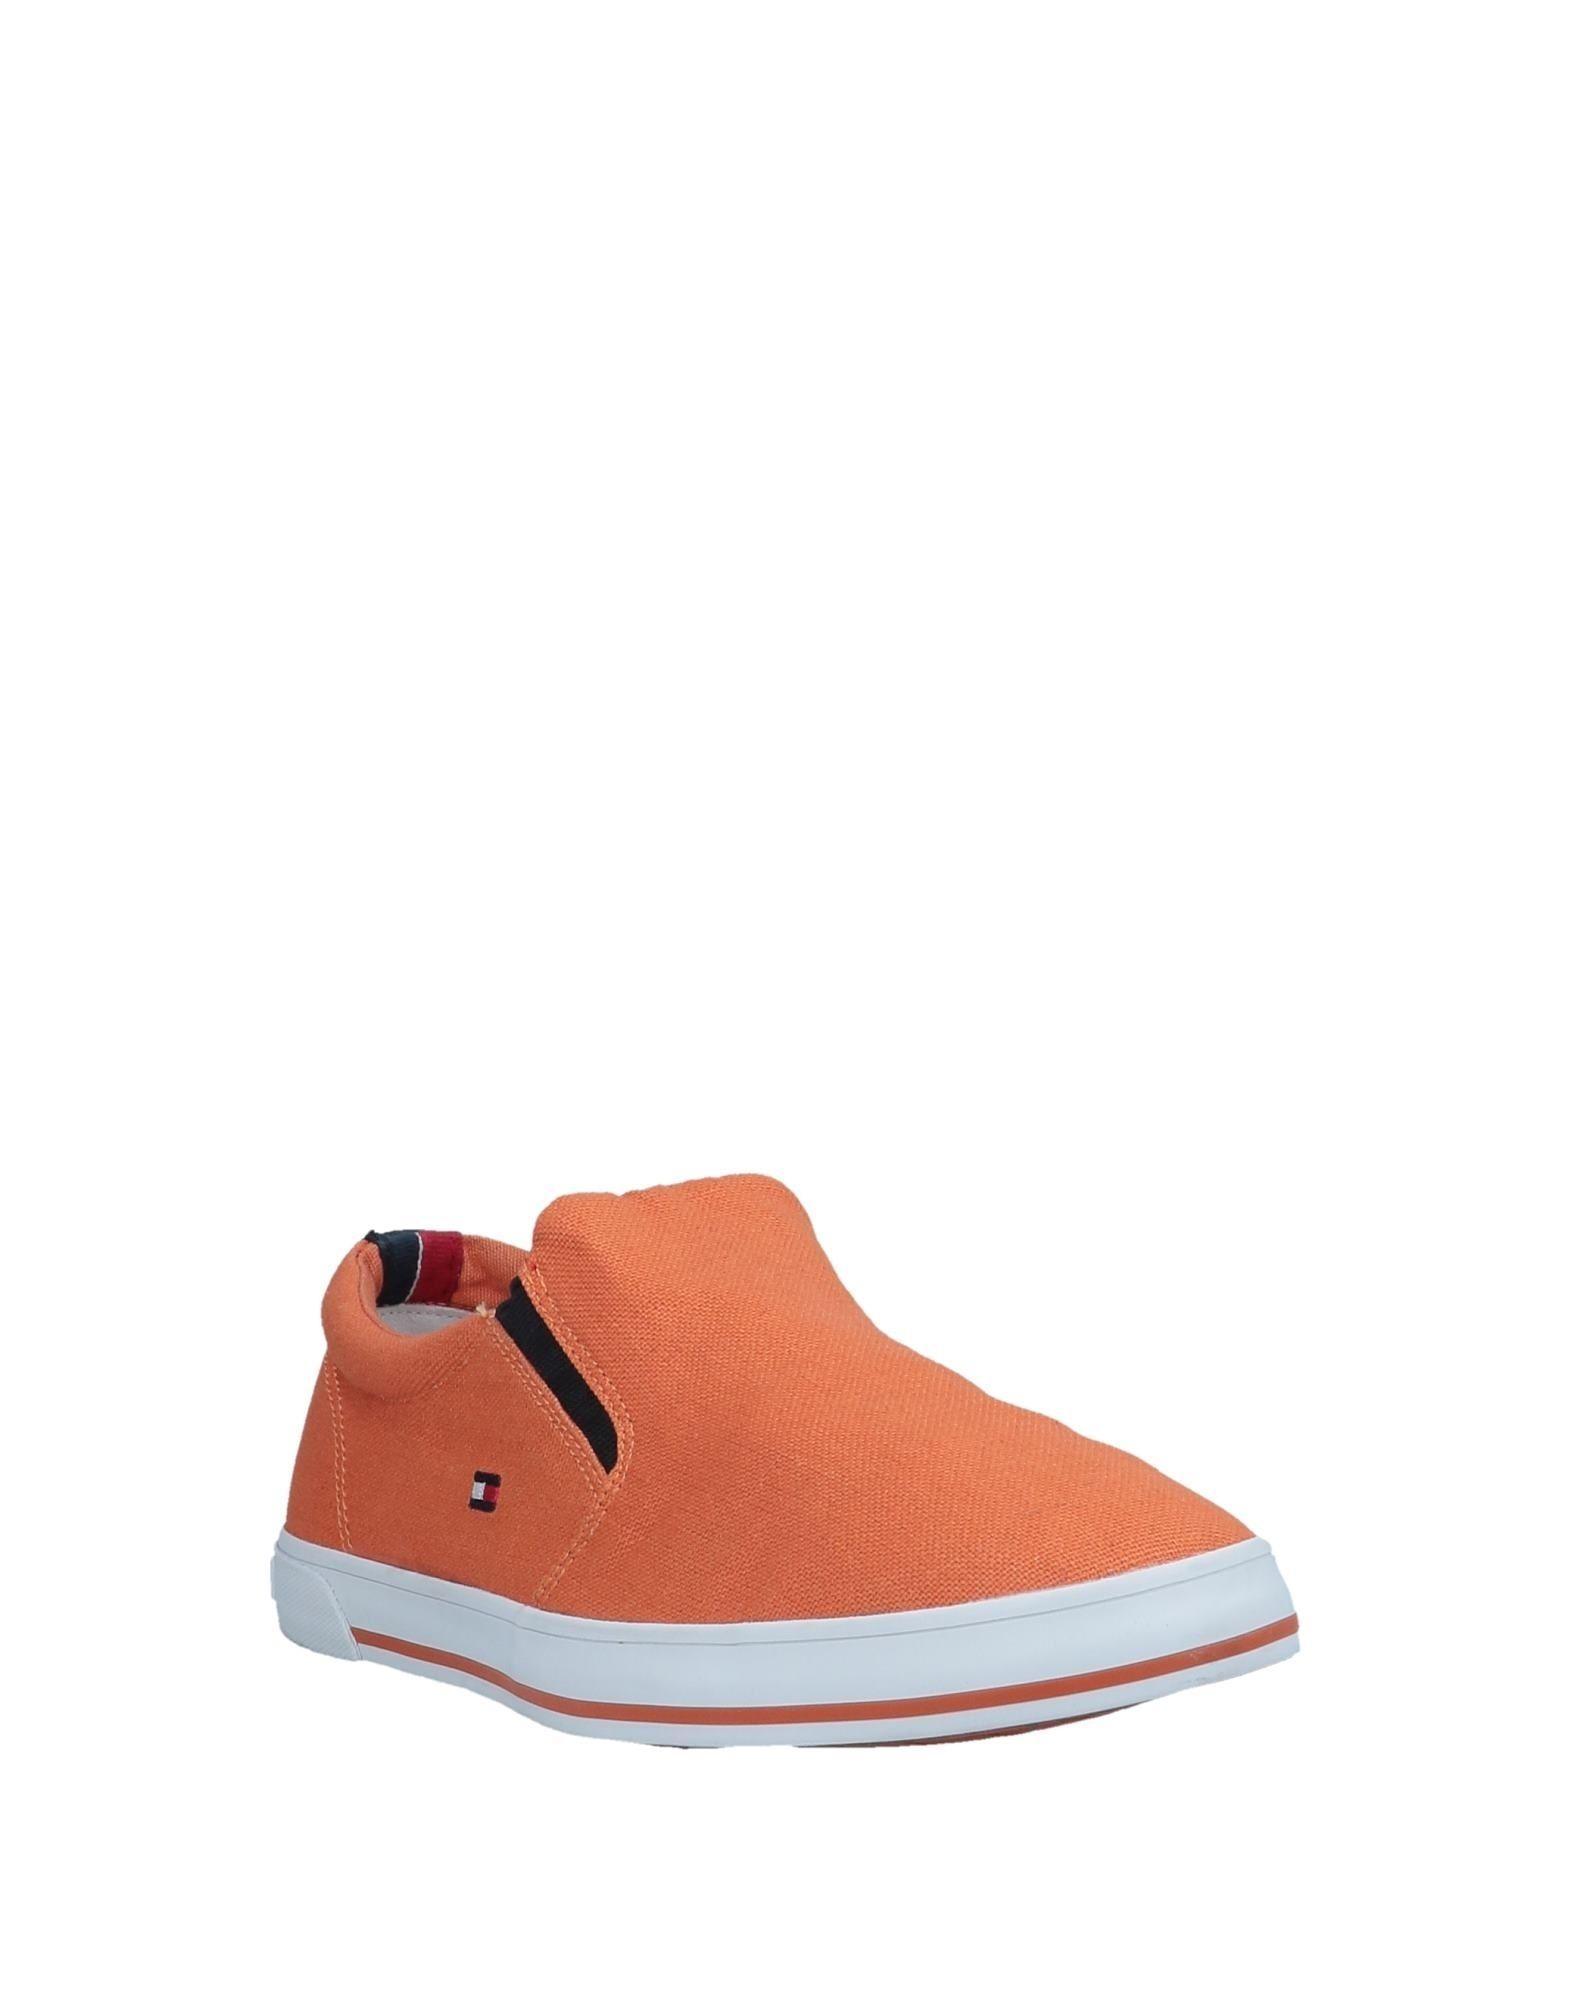 Rabatt echte Herren Schuhe Tommy Hilfiger Sneakers Herren echte  11554130WJ 05a9eb